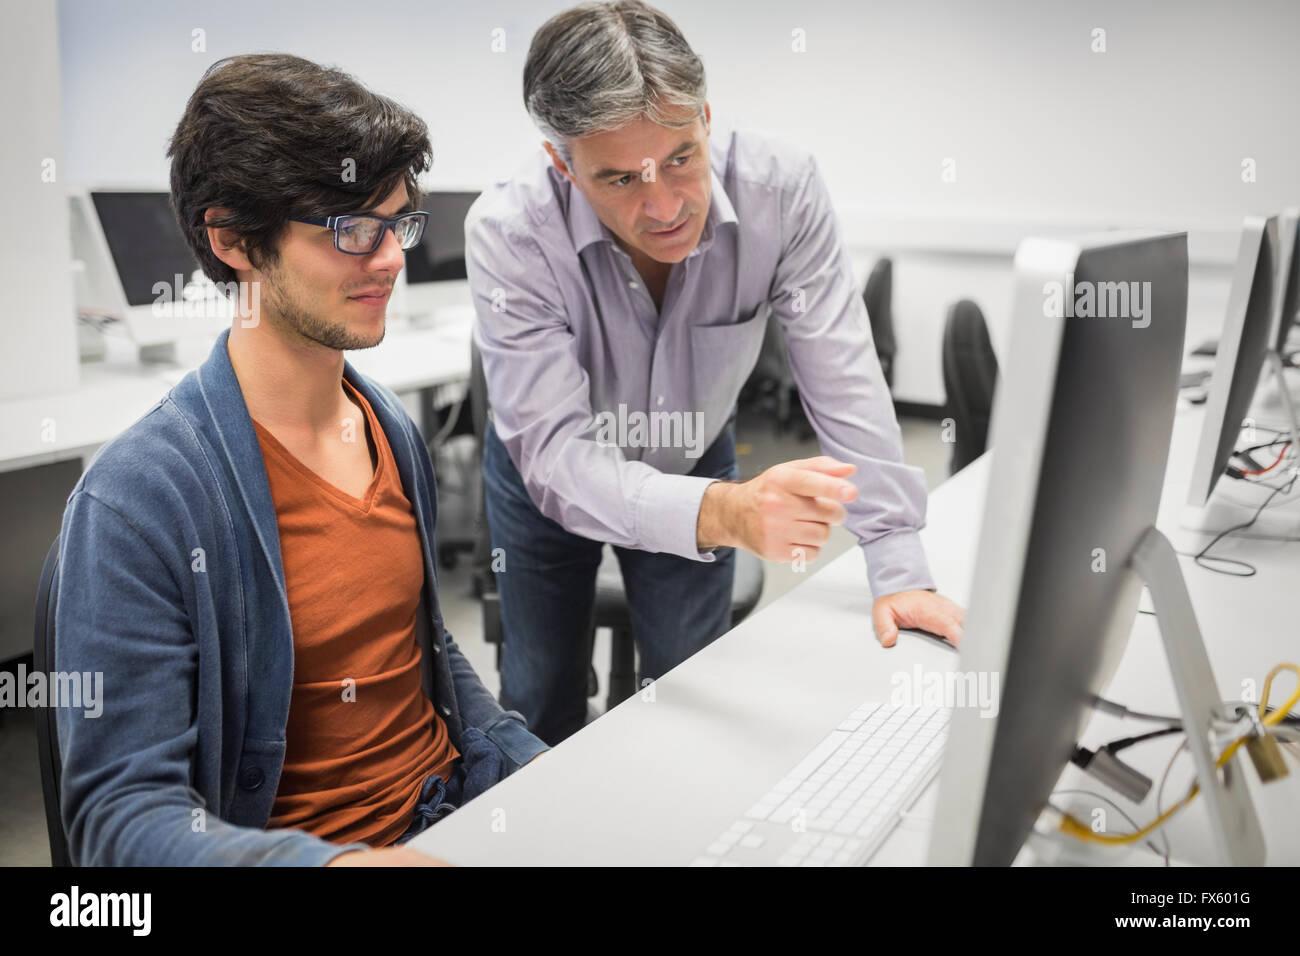 Insegnante di informatica assistendo a uno studente Immagini Stock